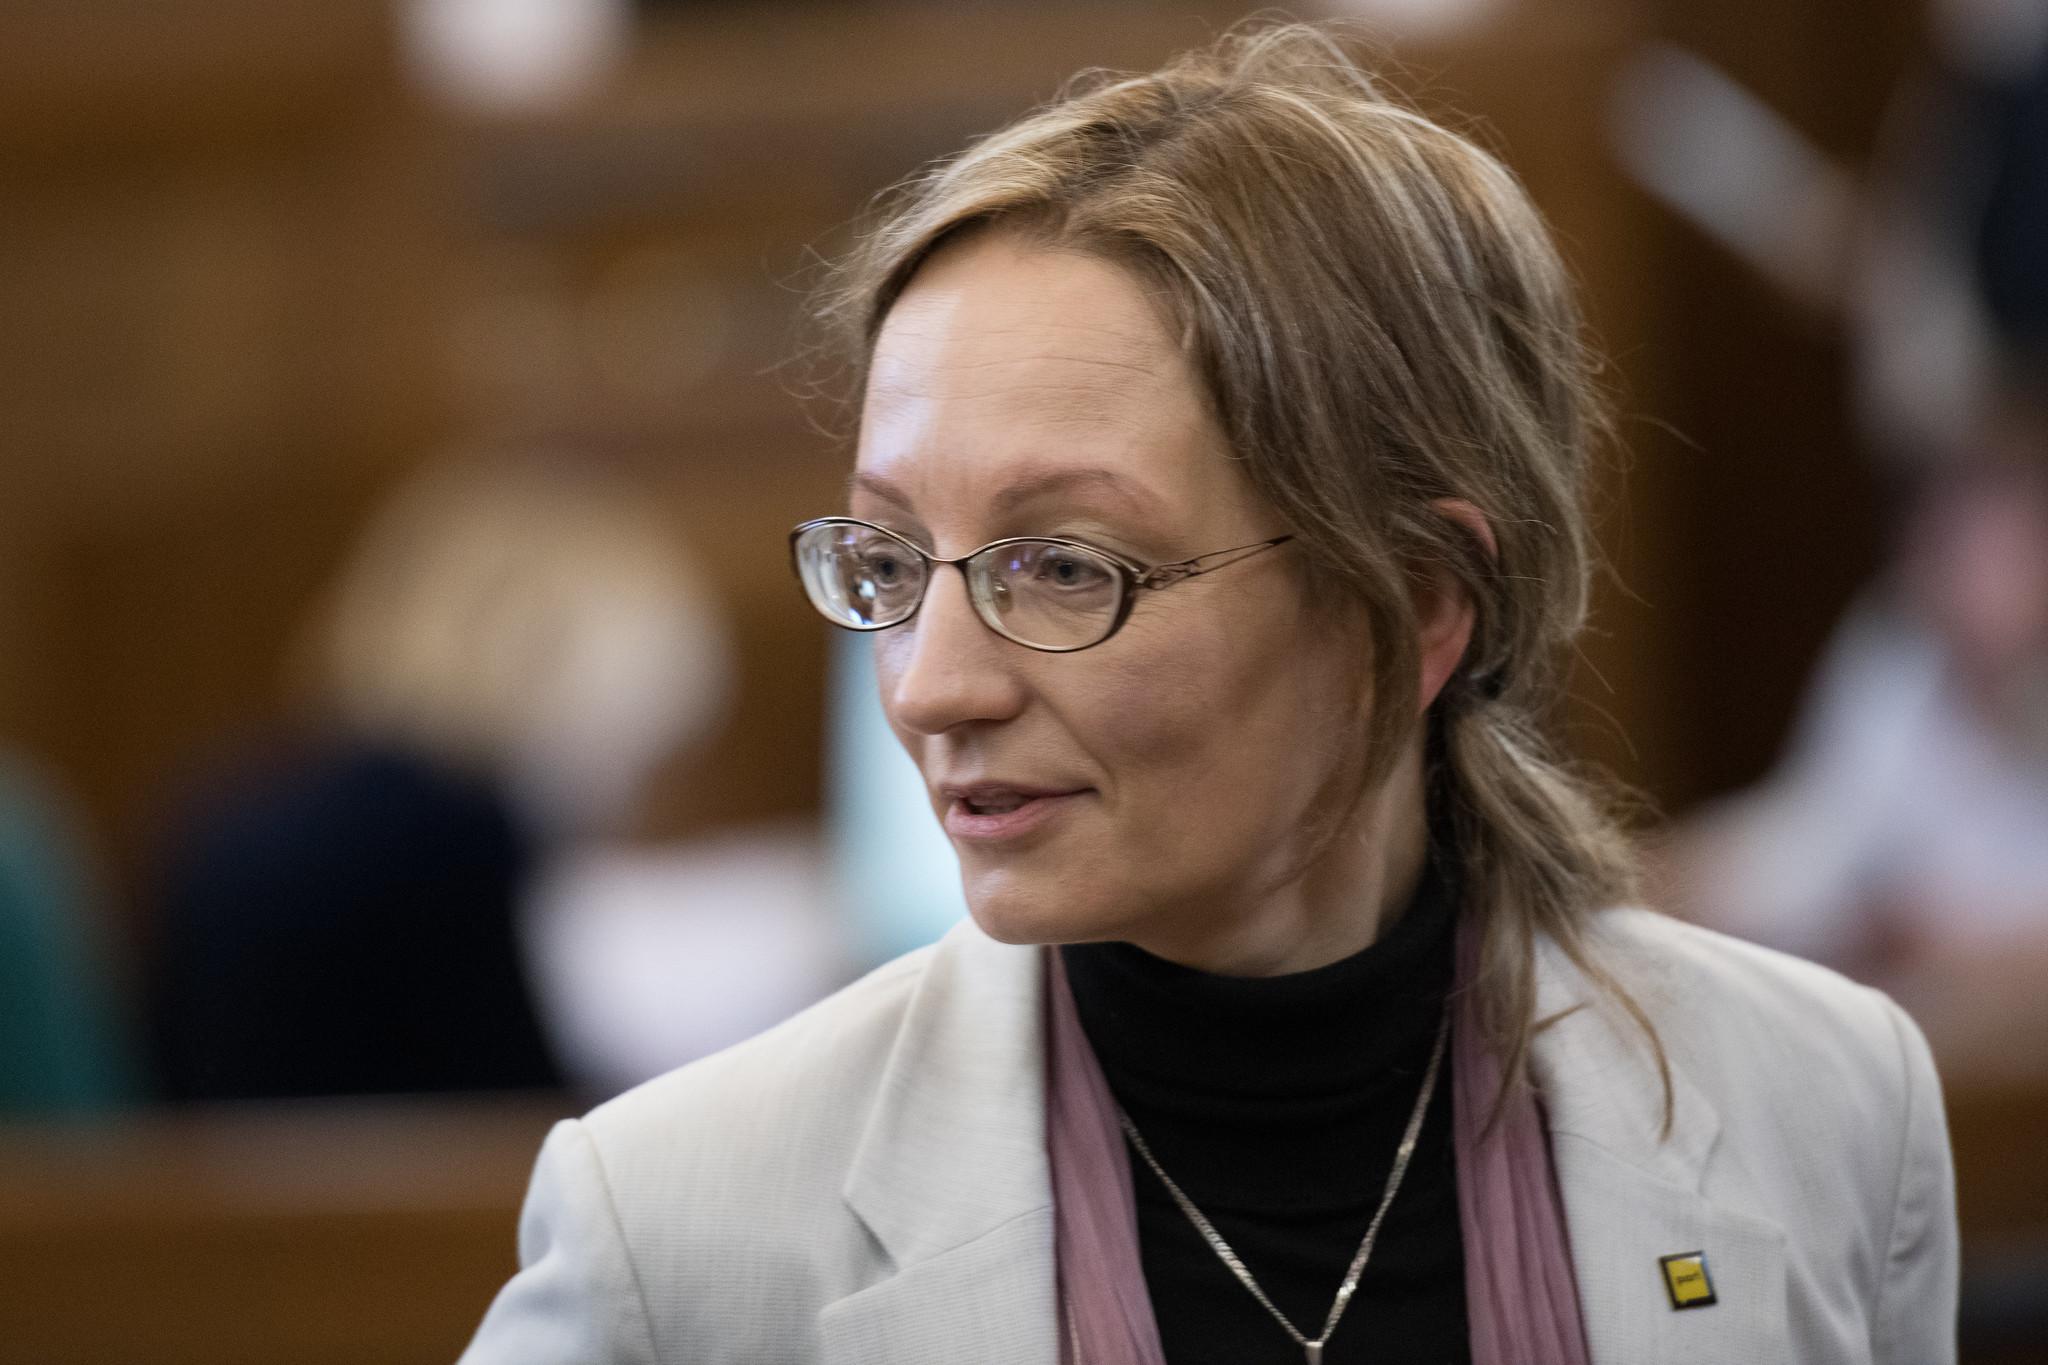 Saeimas deputātes Daces Bluķes paveiktais: no ērtākām vēlēšanām līdz tīrākai videi Baltijas kultūras pasākumos